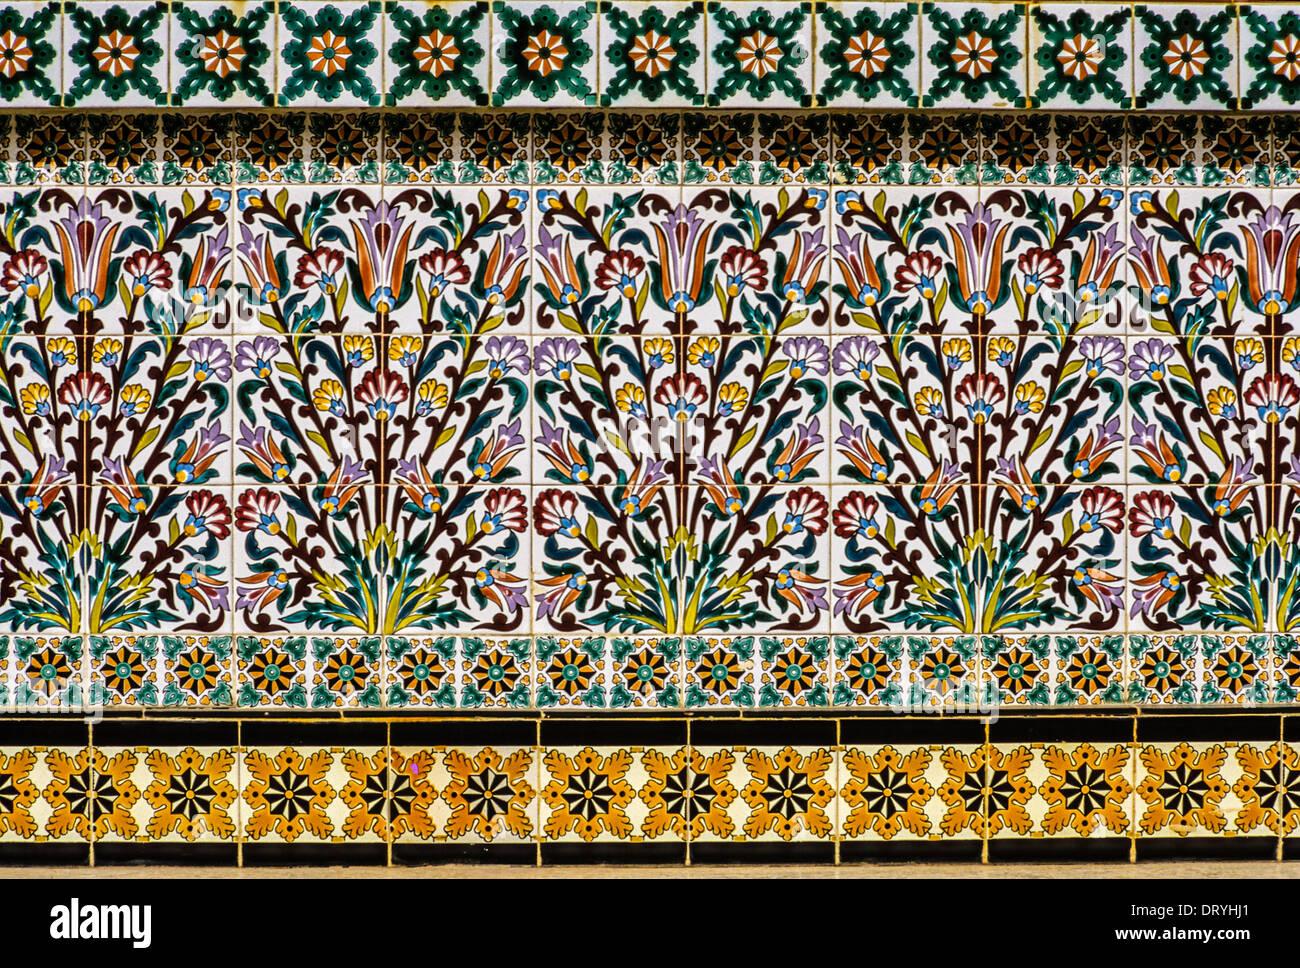 Piastrelle Di Ceramica Decorate.Ceramiche Nabeul Tunisia Fioraio E Decorate Con Design